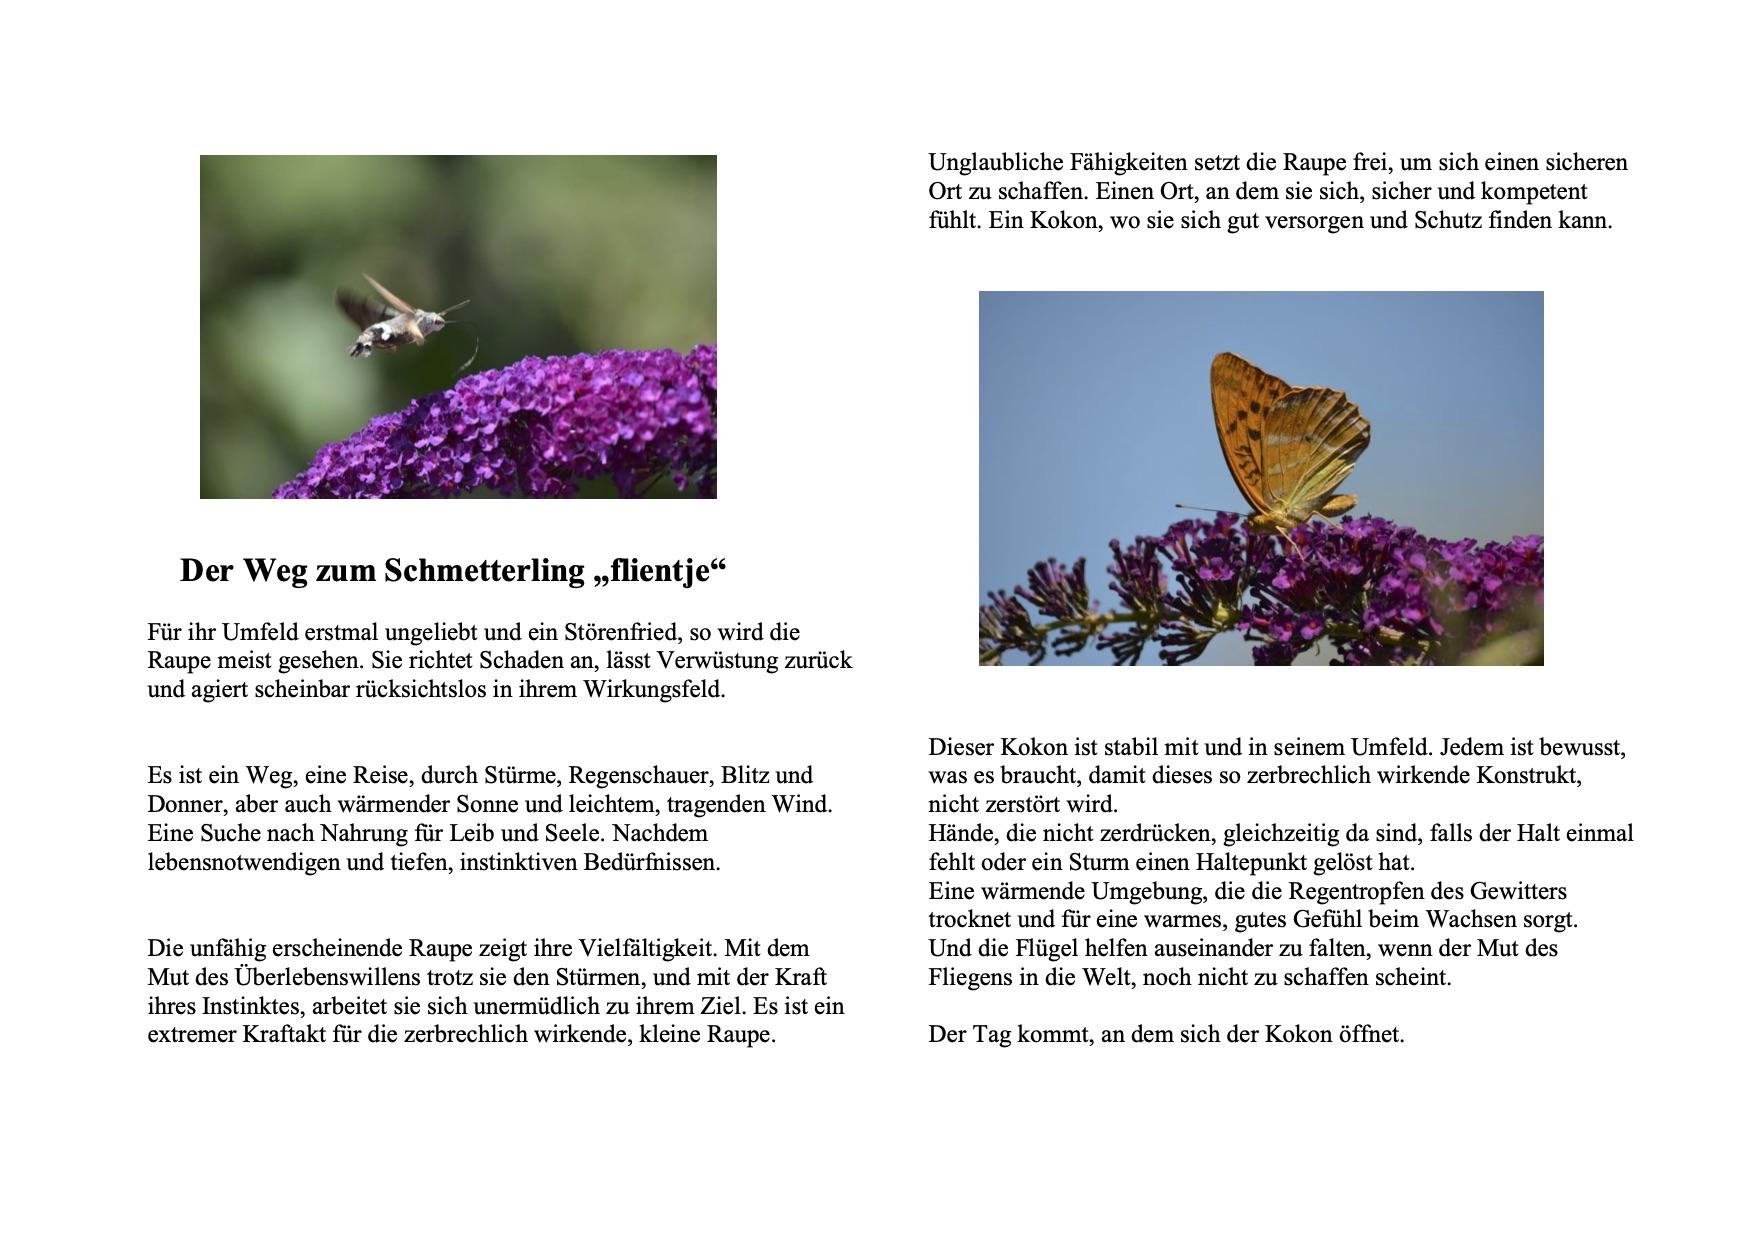 Der Weg zum Schmetterling